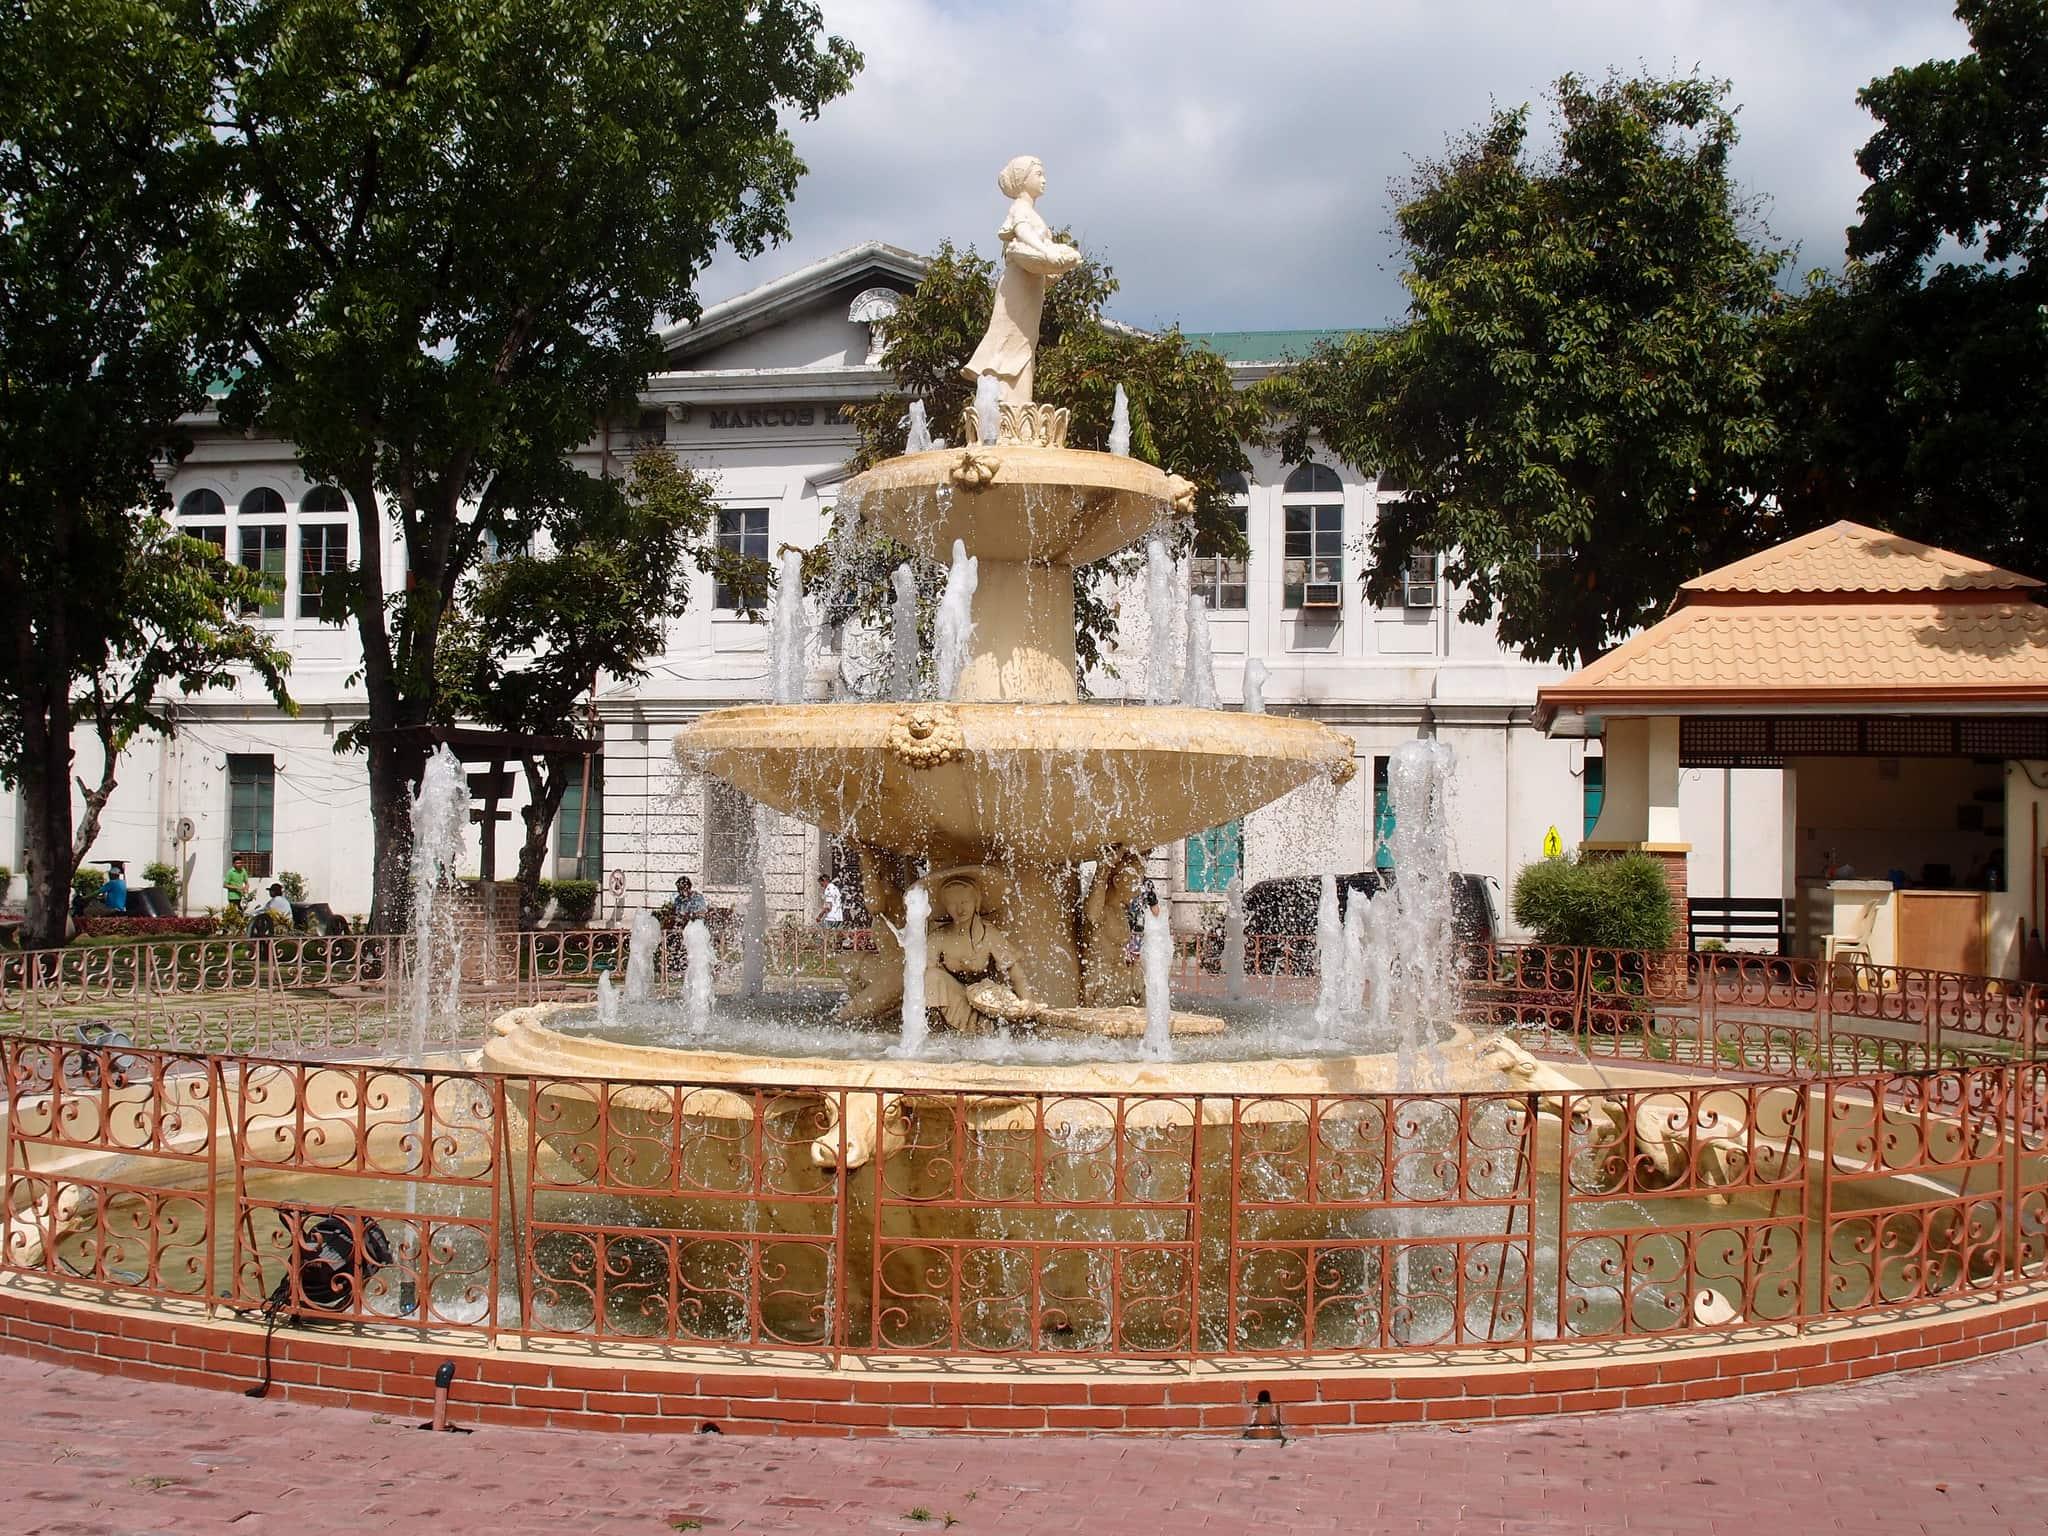 Aurora Park, things to do in Laoag, Laoag tourist spots